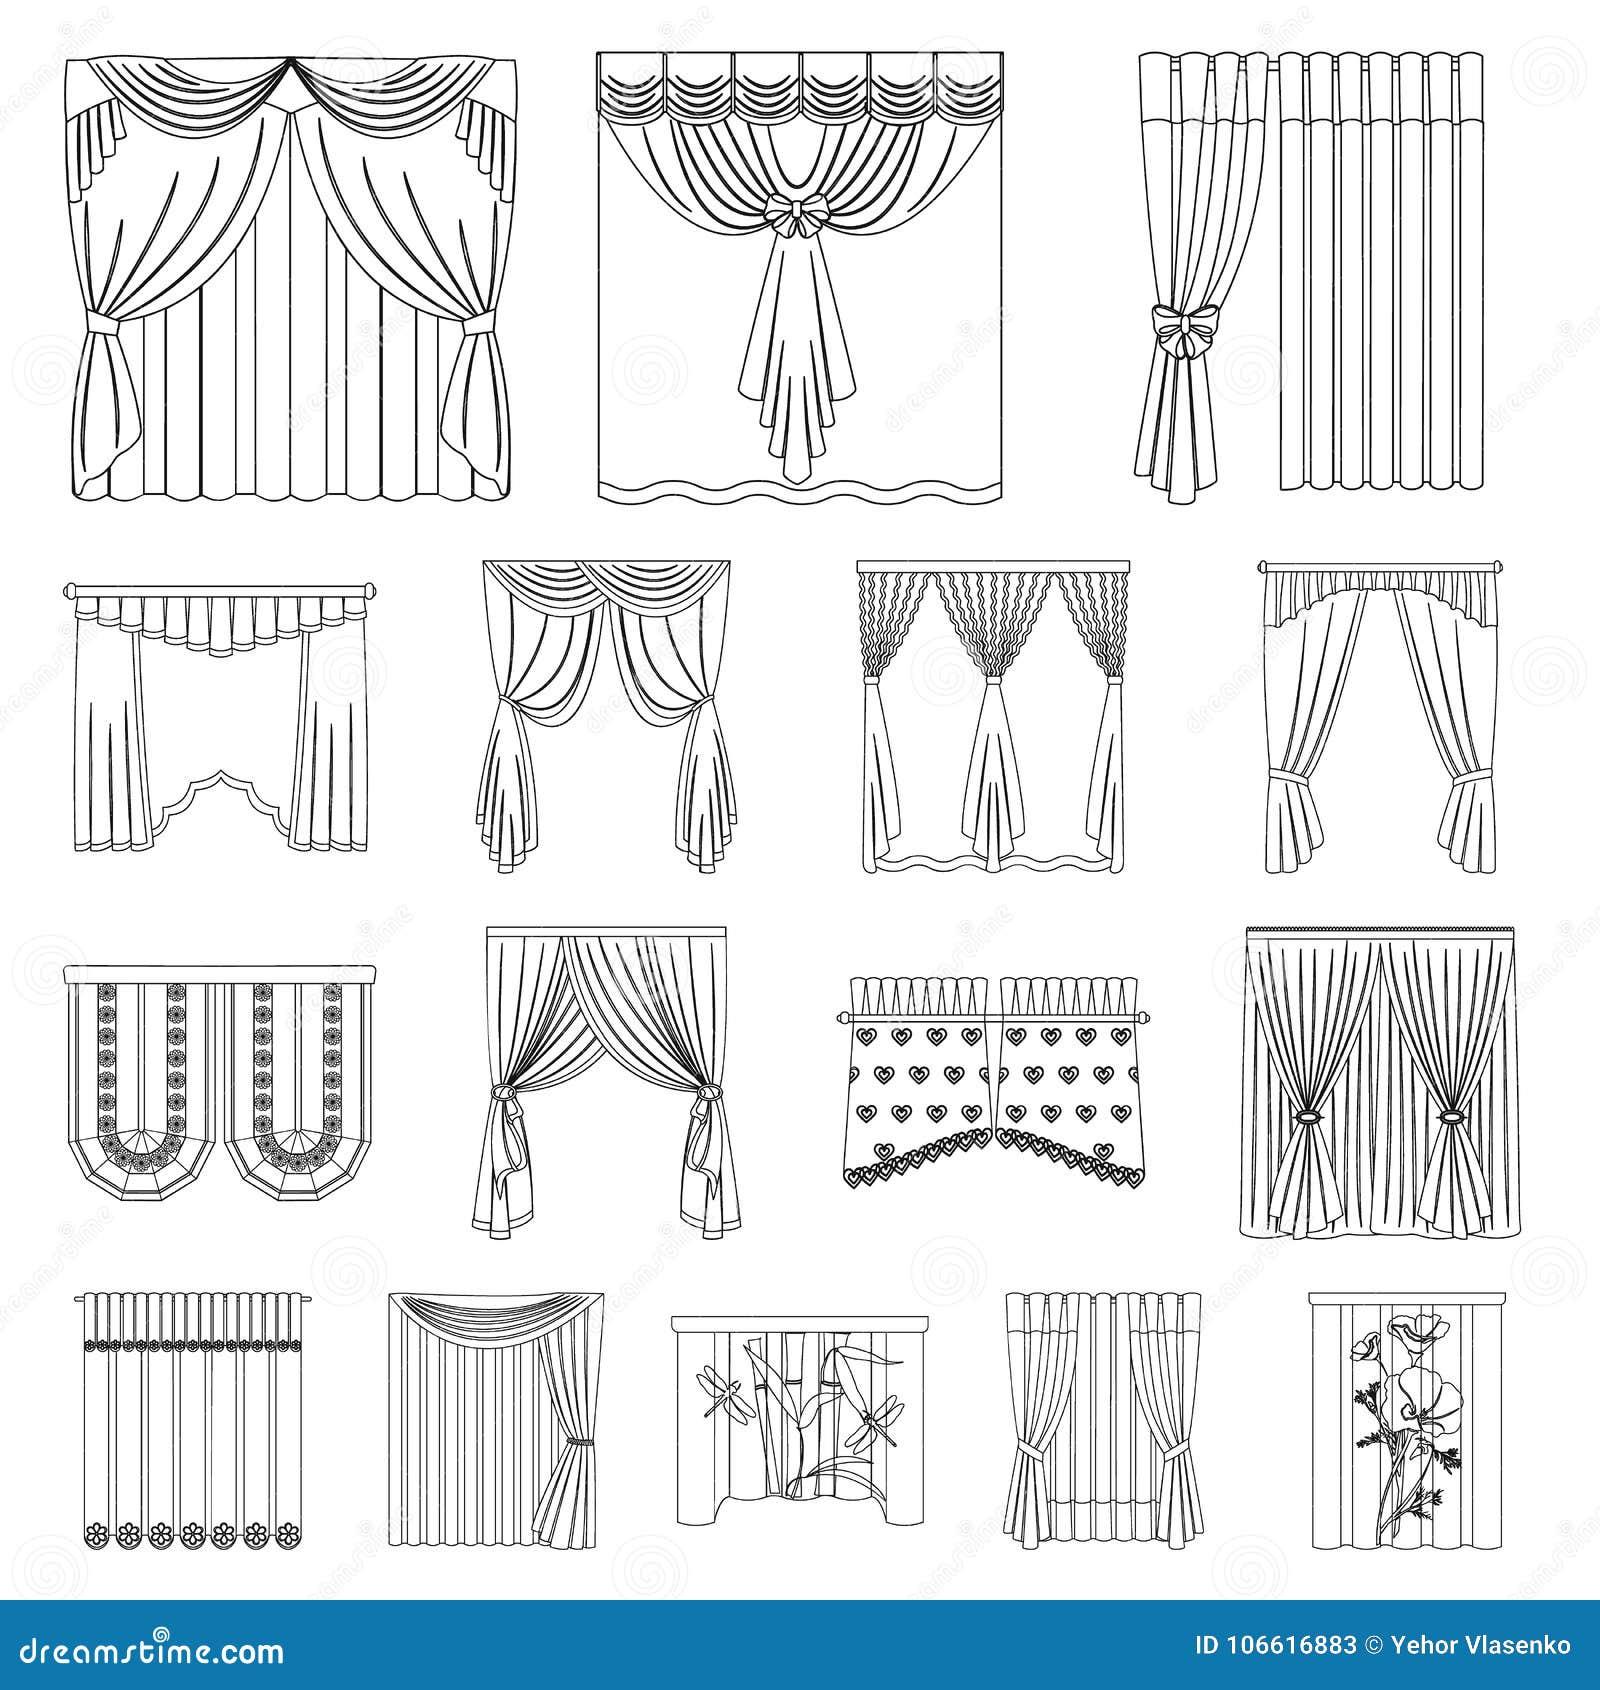 Los diferentes tipos de cortinas resumen iconos en la colecci n del sistema para el dise o - Diferentes tipos de cortinas ...